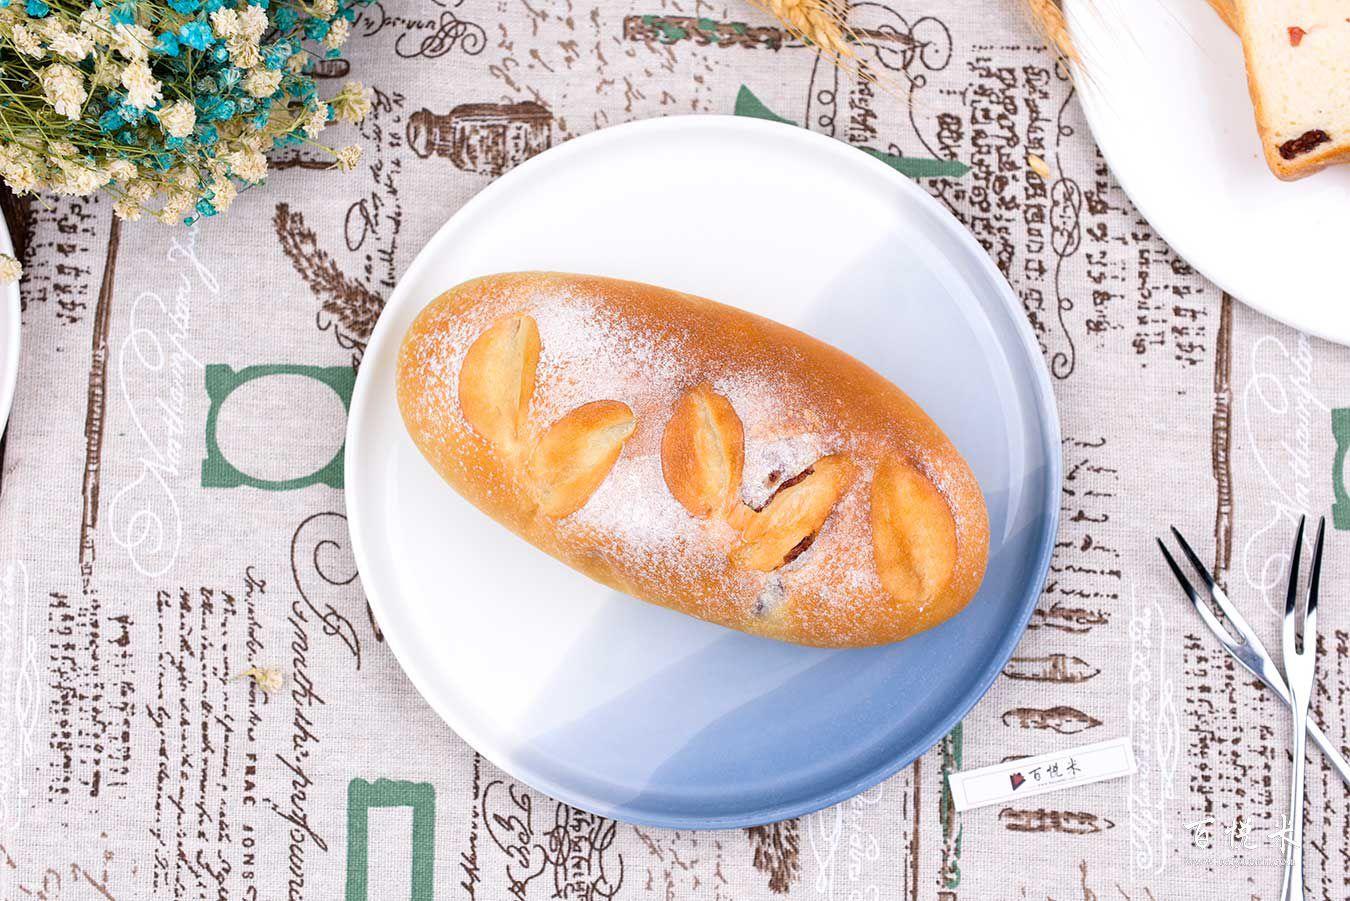 蔓越莓面包高清图片大全【蛋糕图片】_538